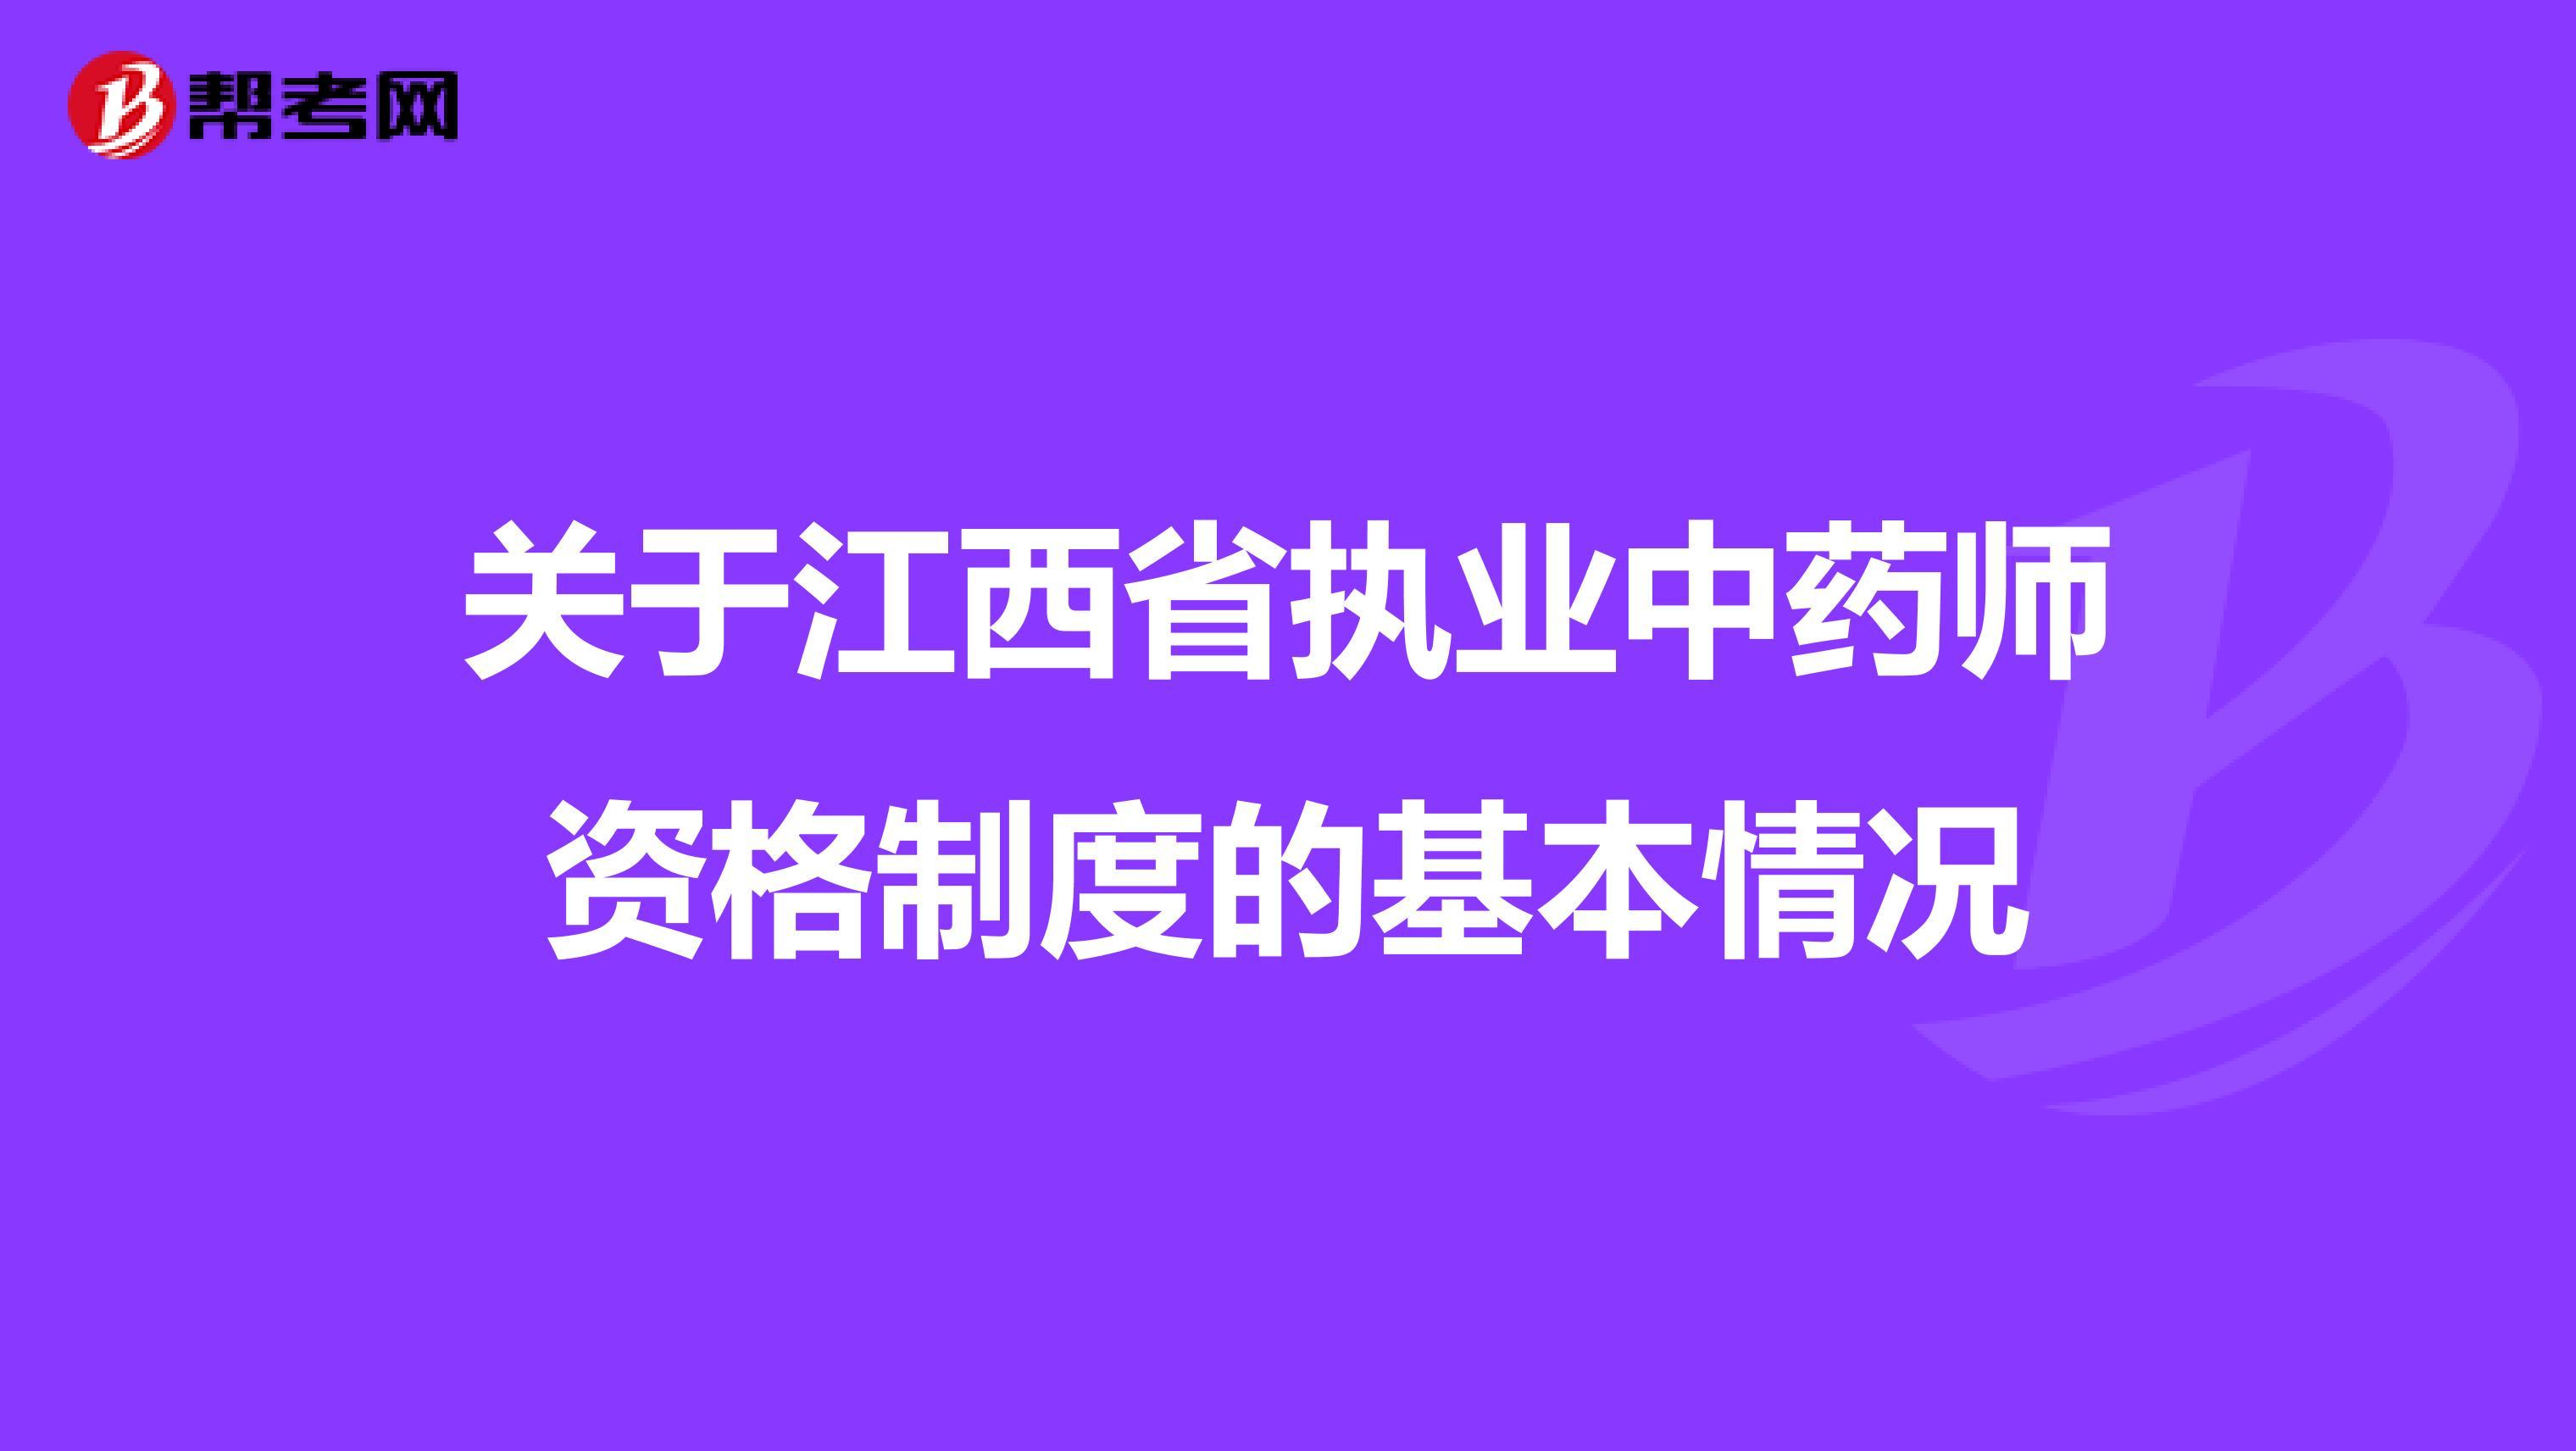 關于江西省執業中藥師資格制度的基本情況